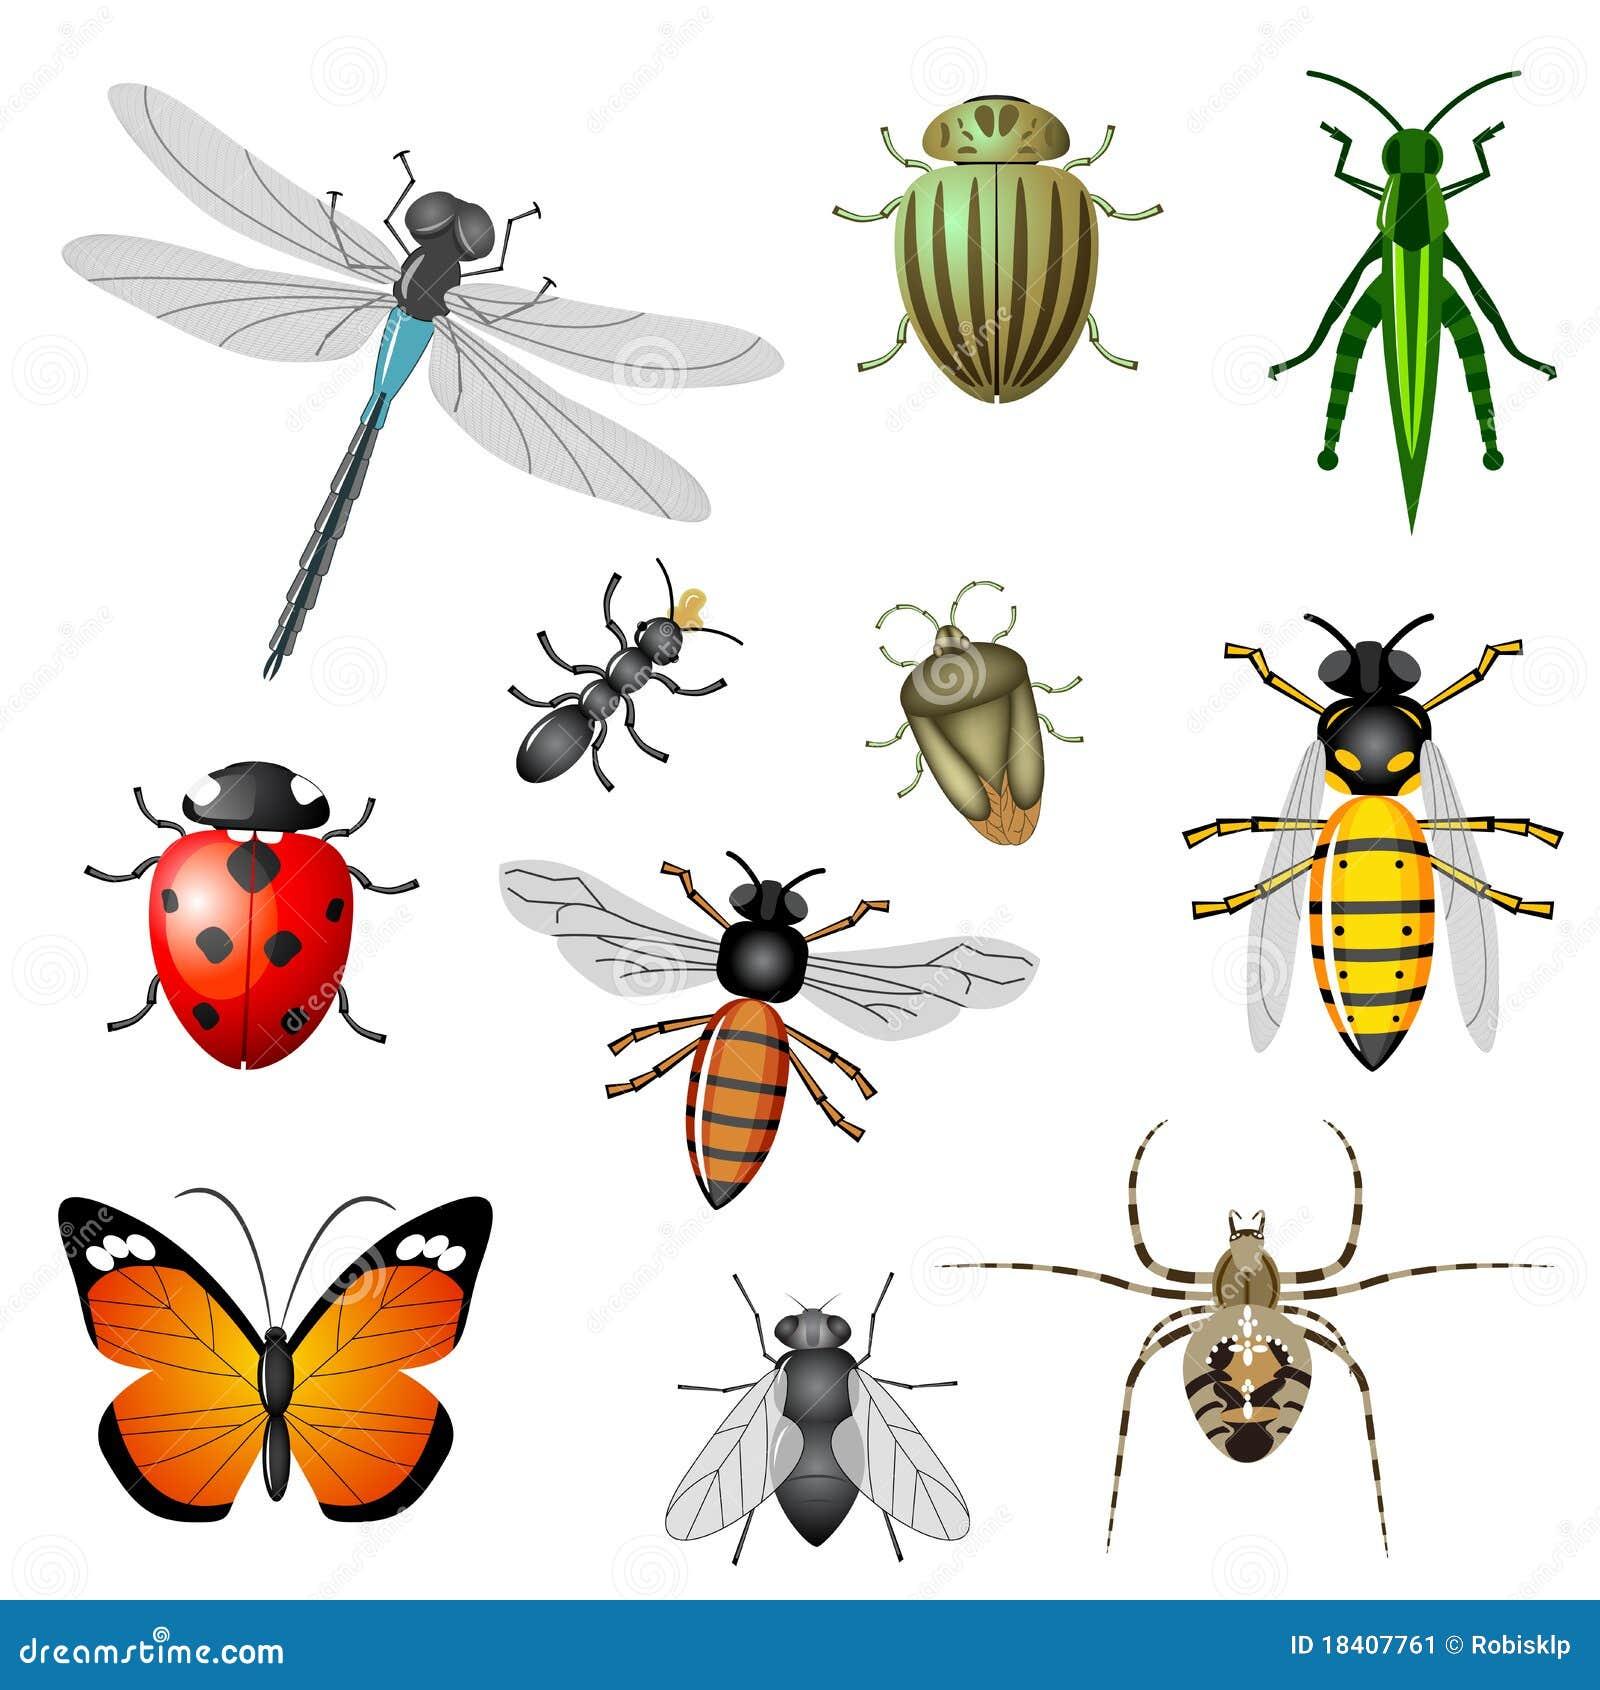 Insectos y fallos de funcionamiento